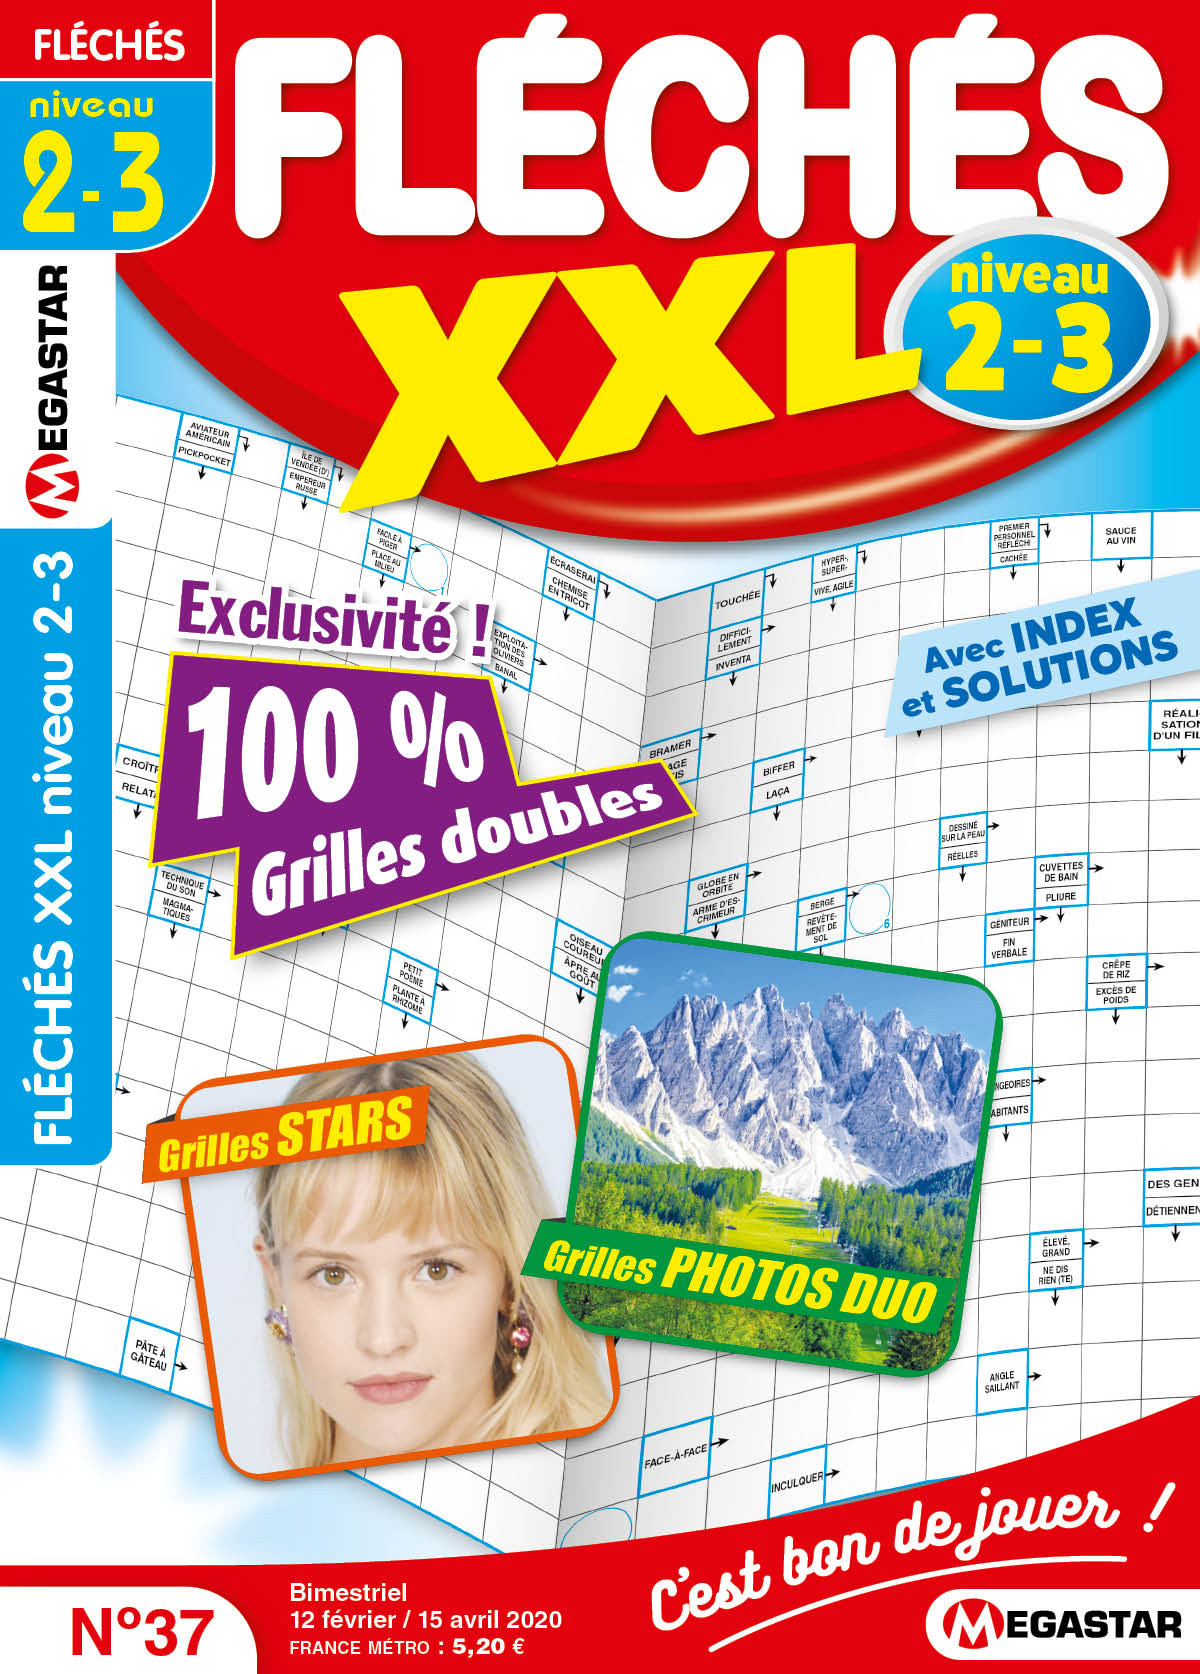 Fléchés Xxl Niveau 2-3 intérieur Grand Ensemble Mots Croisés